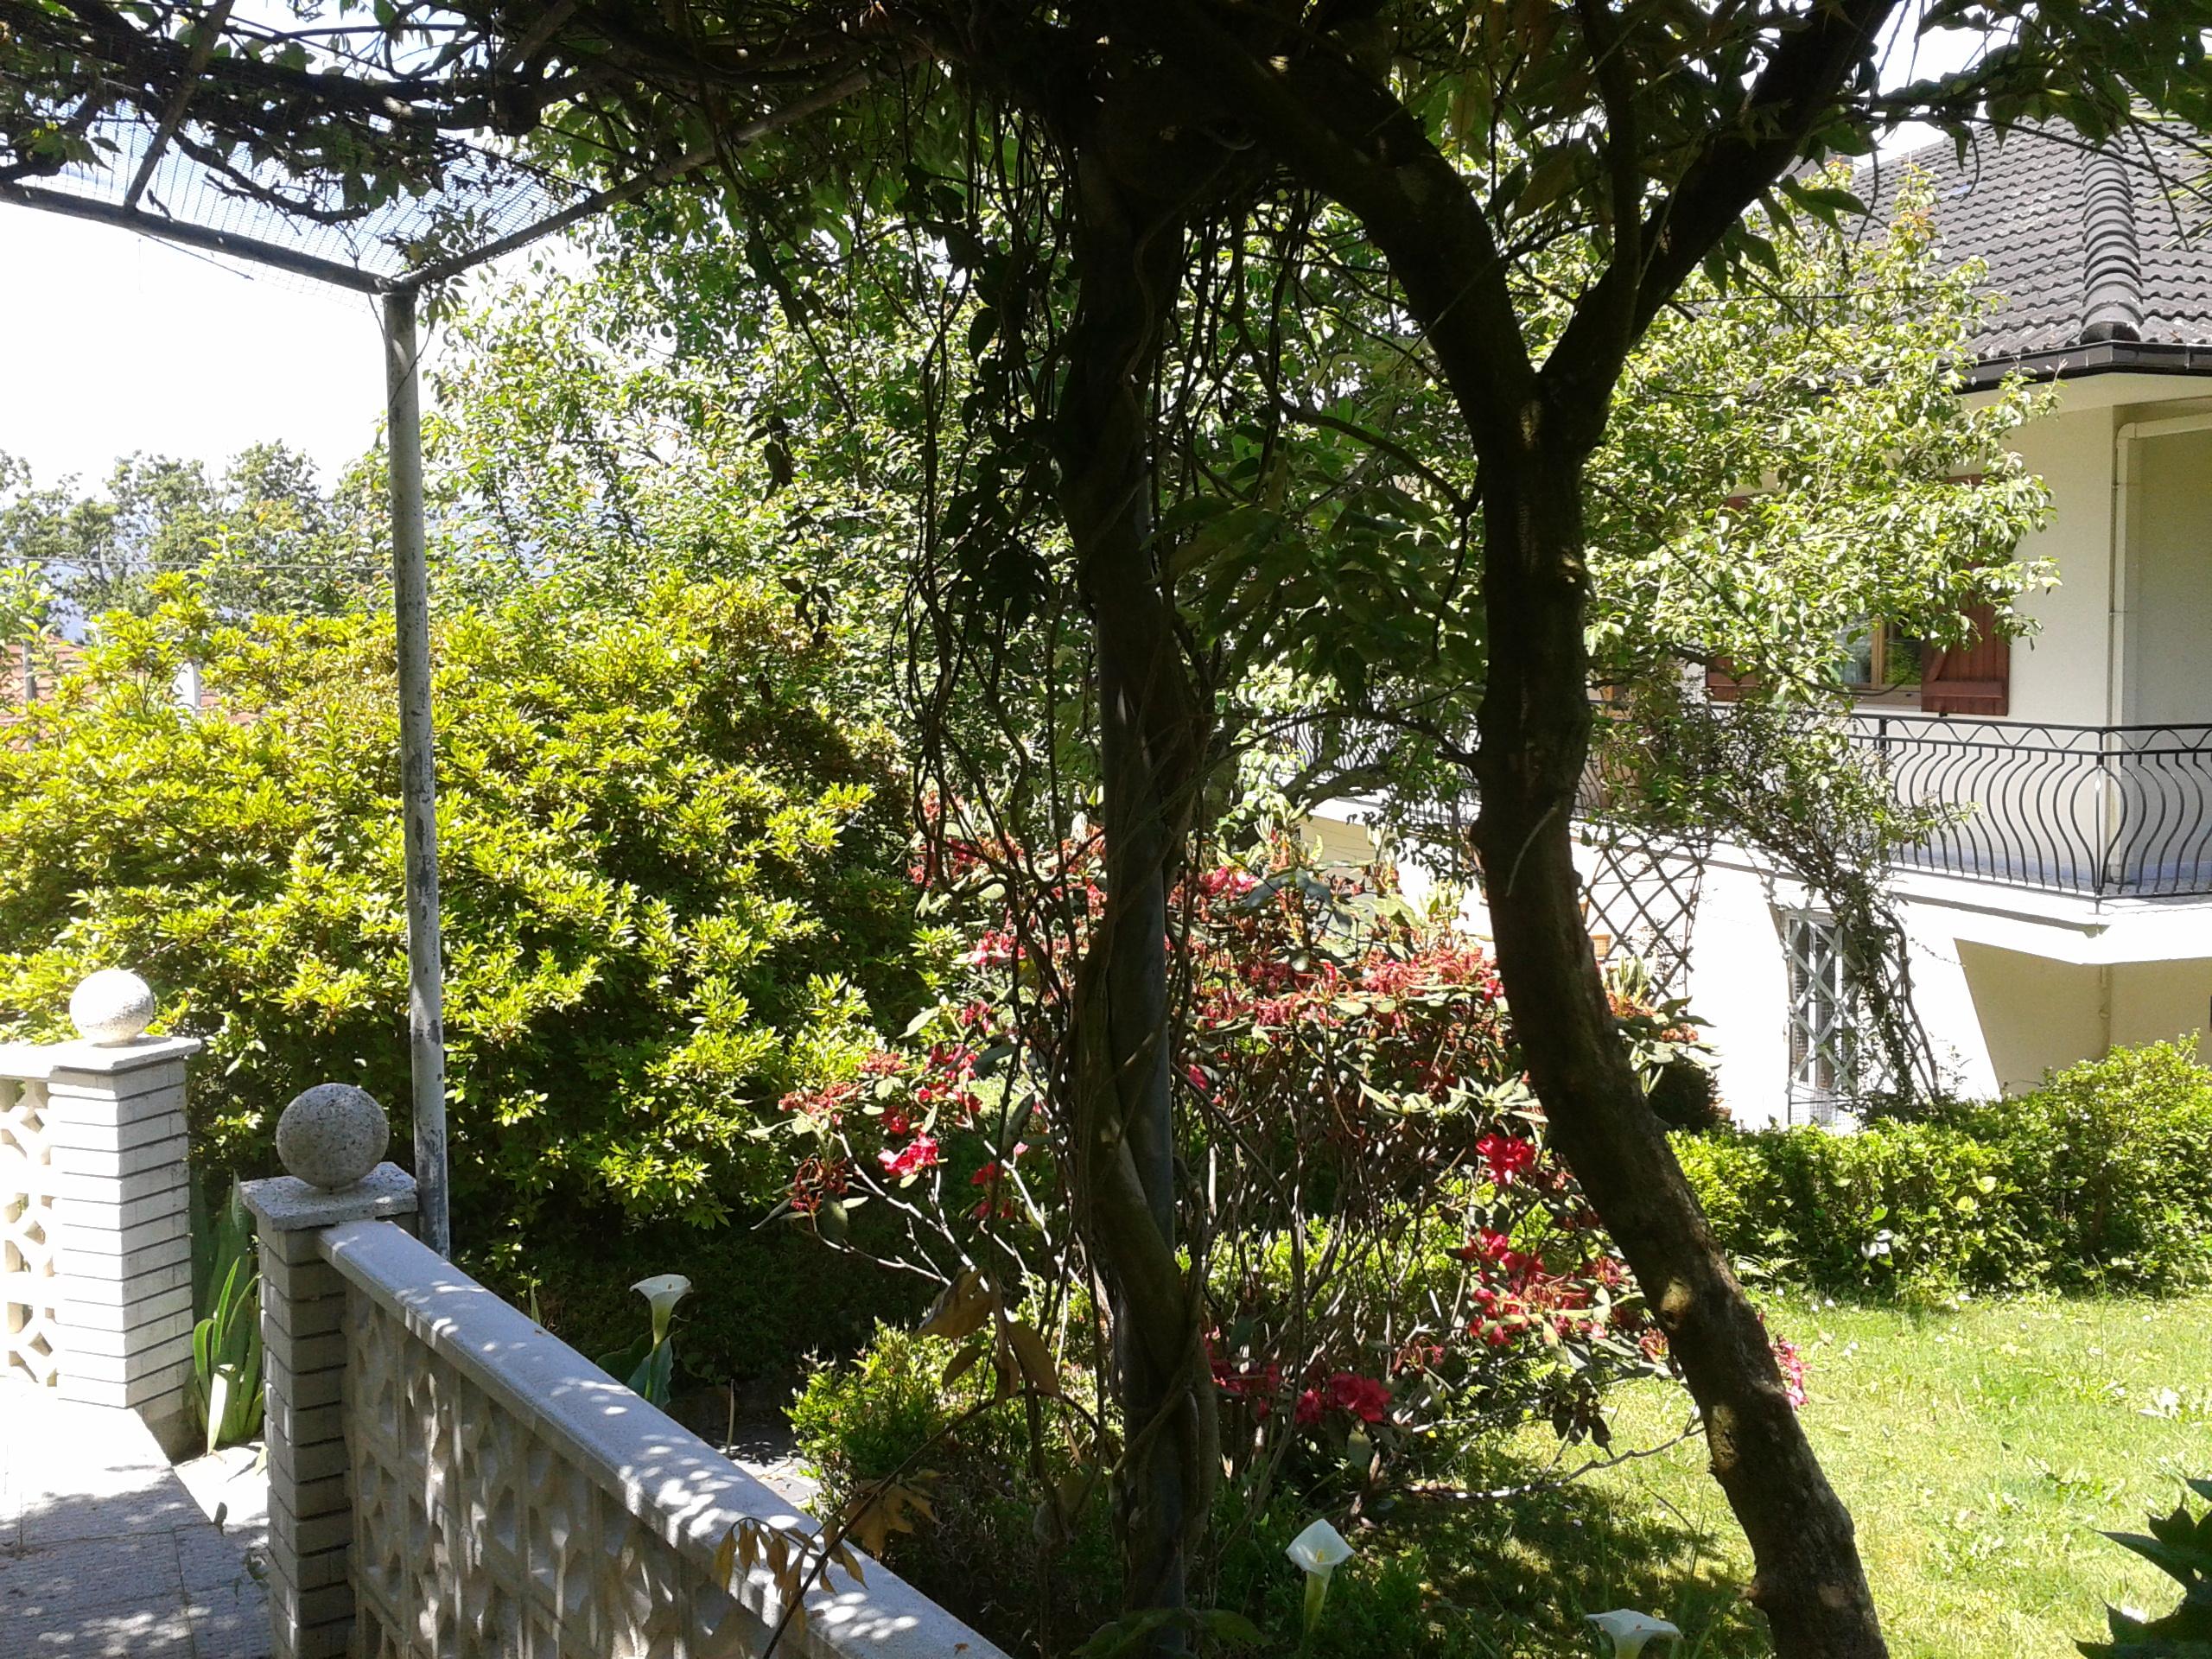 Alquiler casa rural galicia impresionante casa rural en - Alquiler casa rural galicia ...